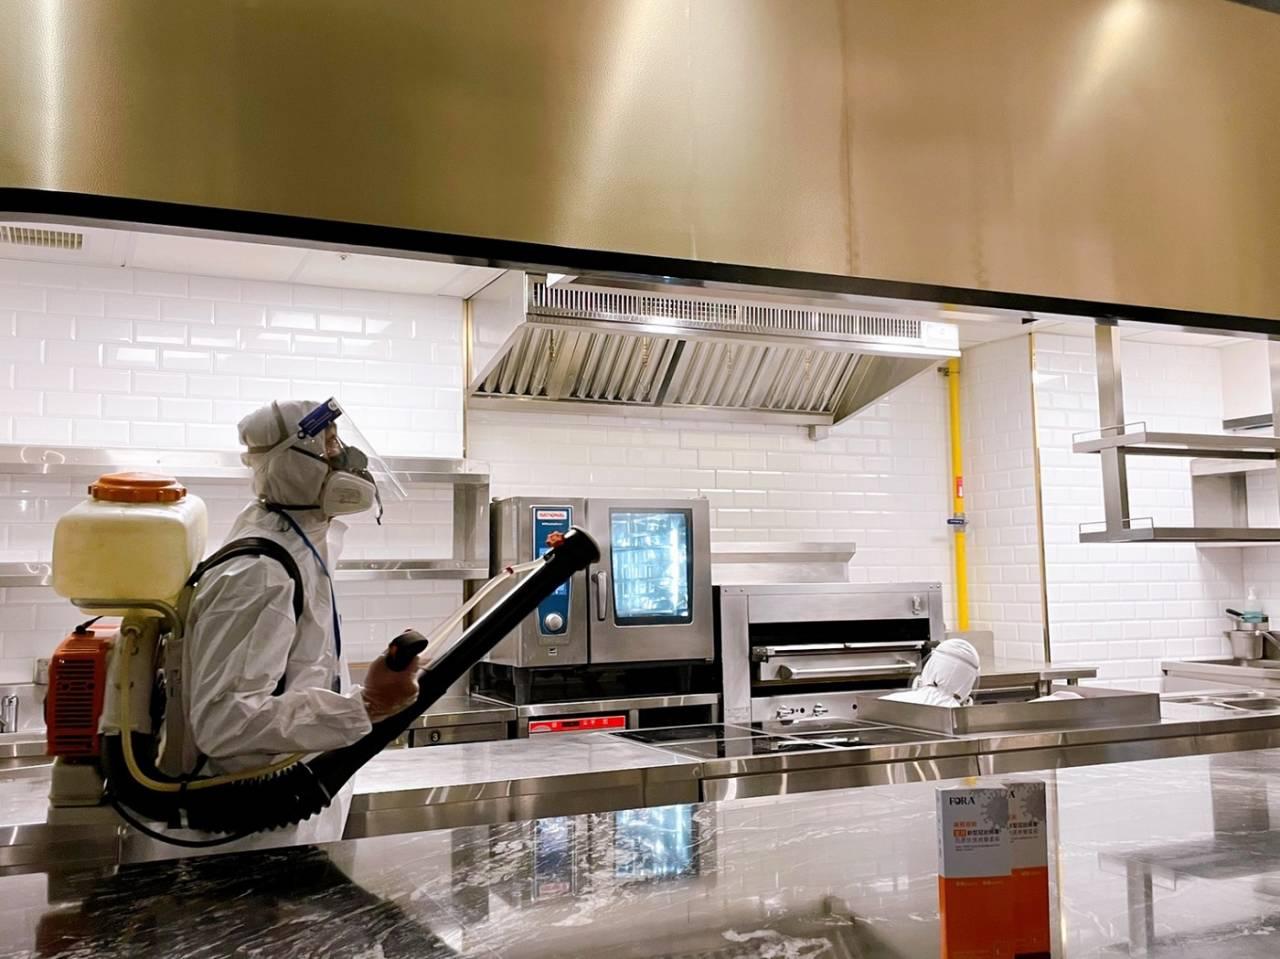 餐飲今起開放內用 王品估營收可增30%、速食業要等到8/3